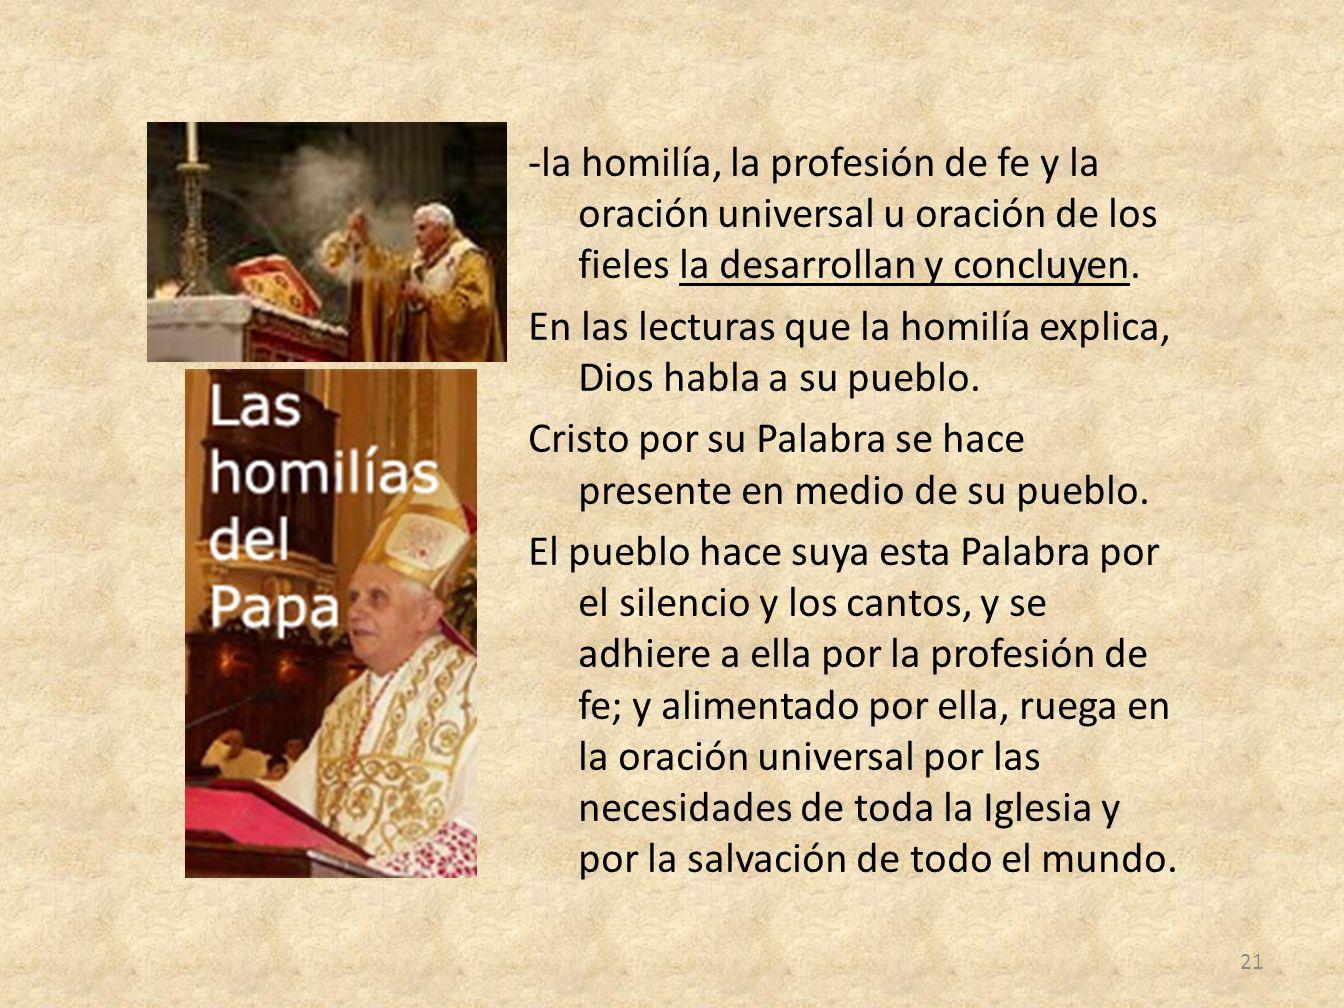 -la homilía, la profesión de fe y la oración universal u oración de los fieles la desarrollan y concluyen. En las lecturas que la homilía explica, Dio